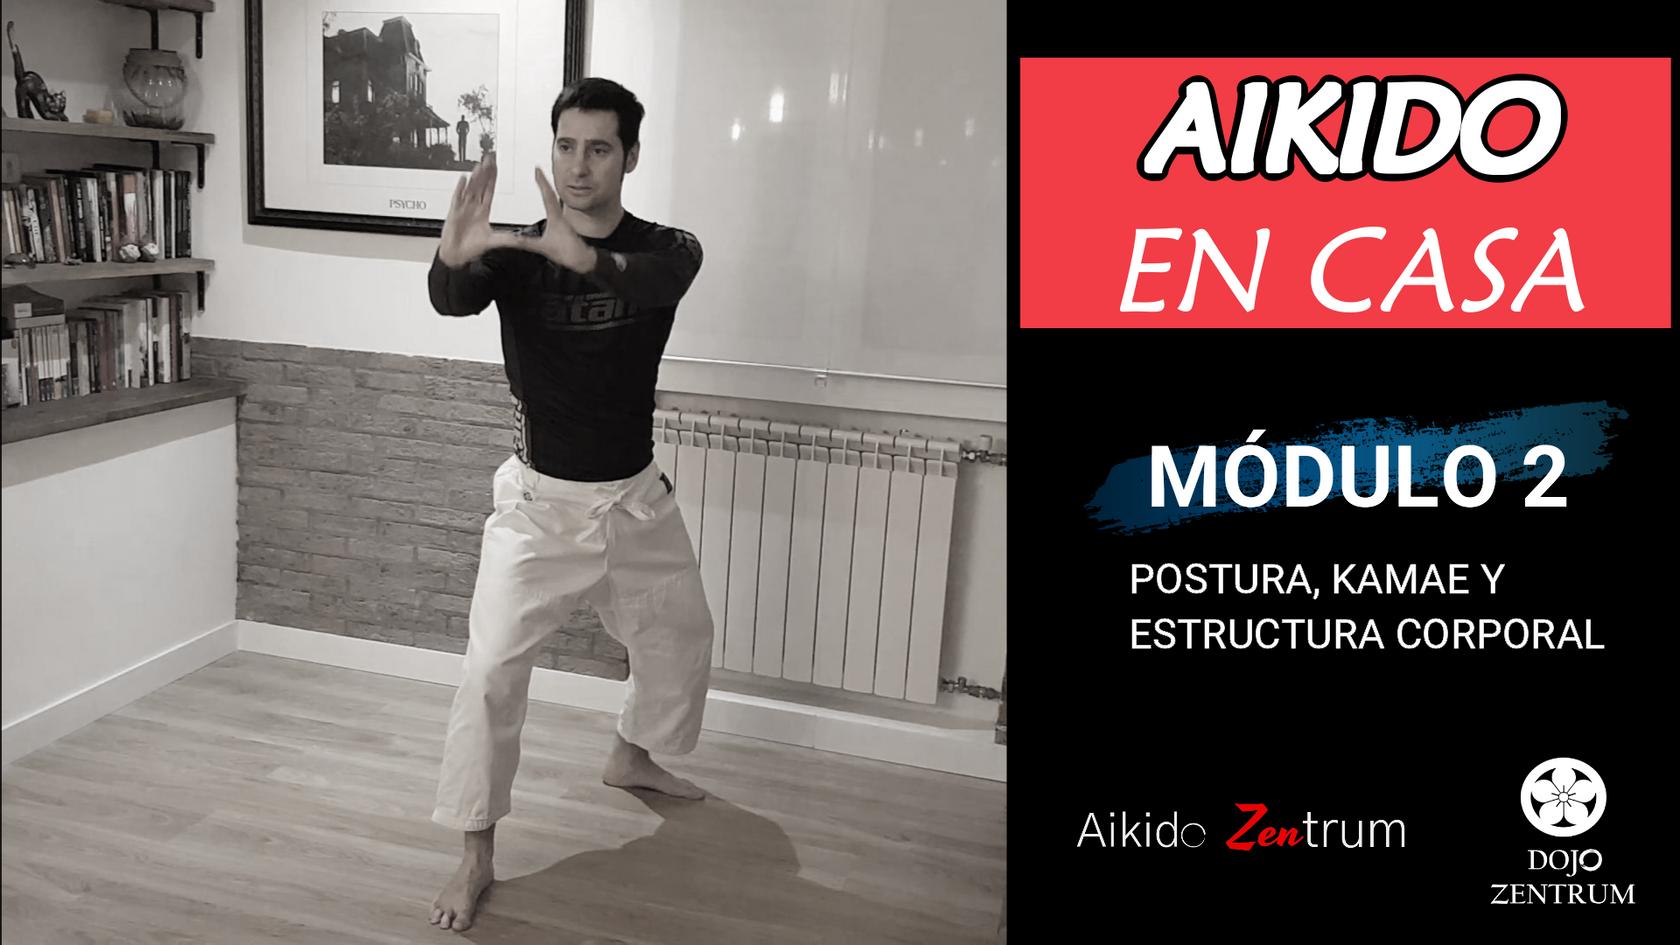 MÓDULO 2: Postura, Kamae y estructura corporal